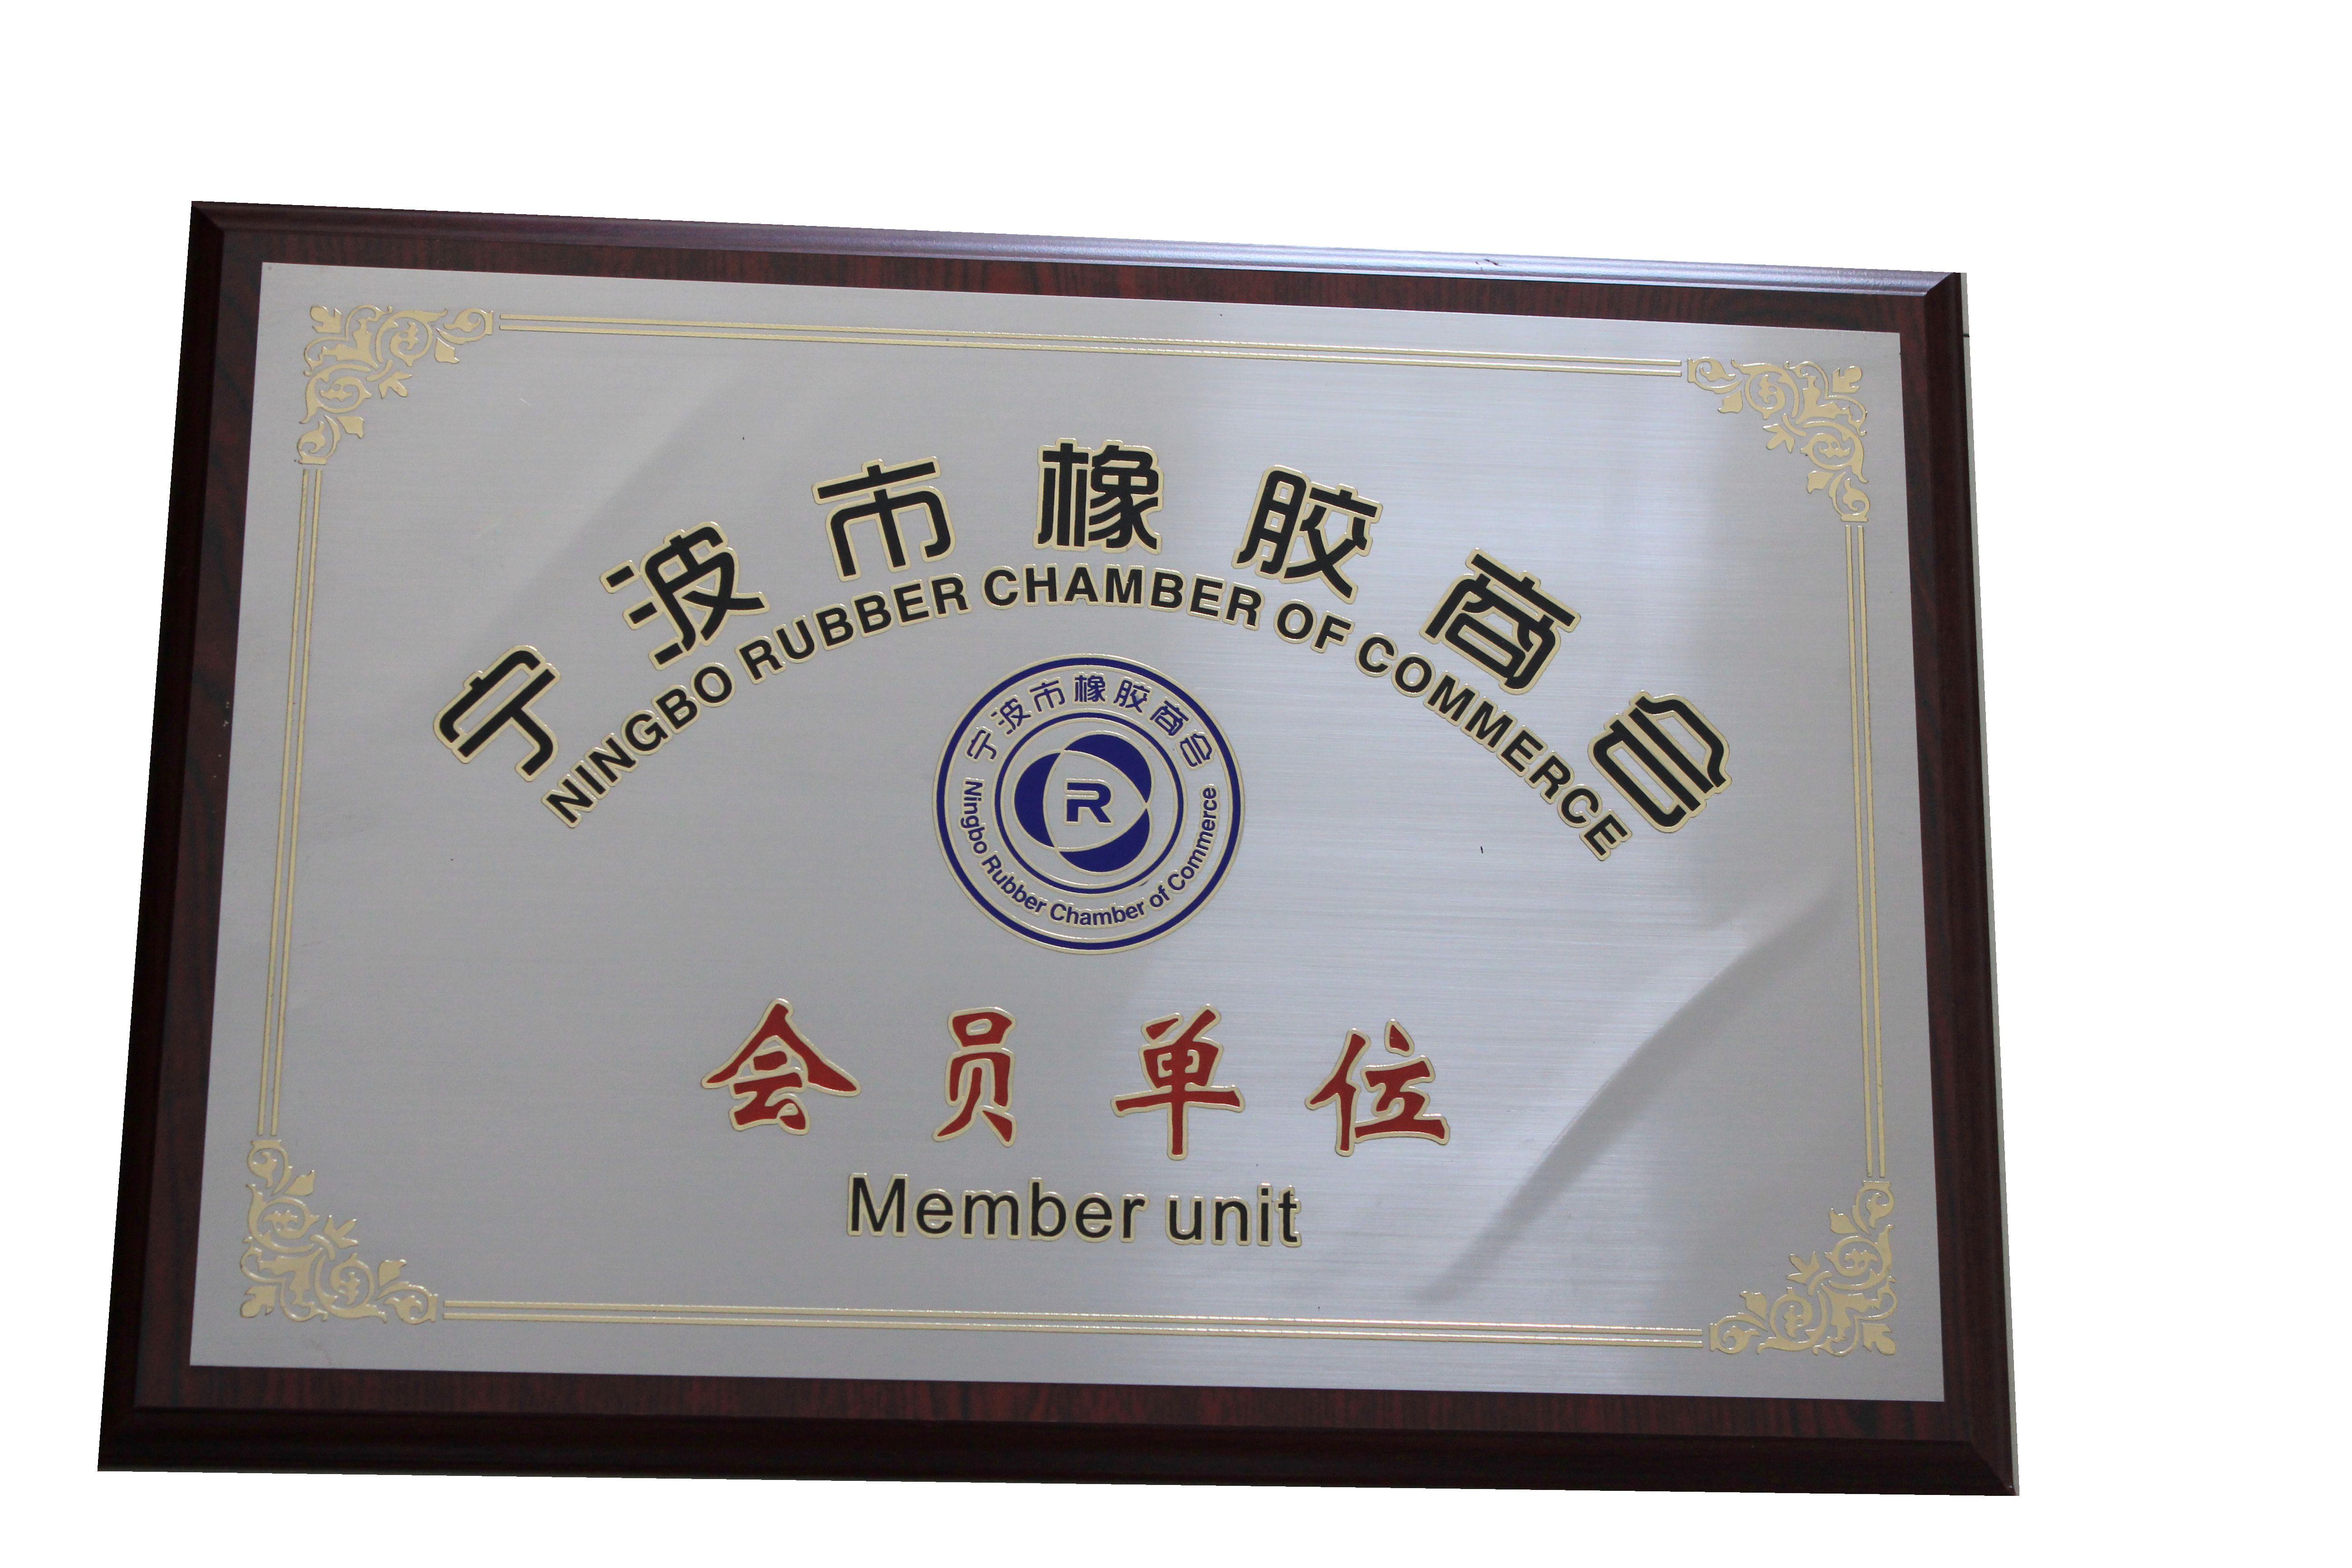 宁波橡胶商会